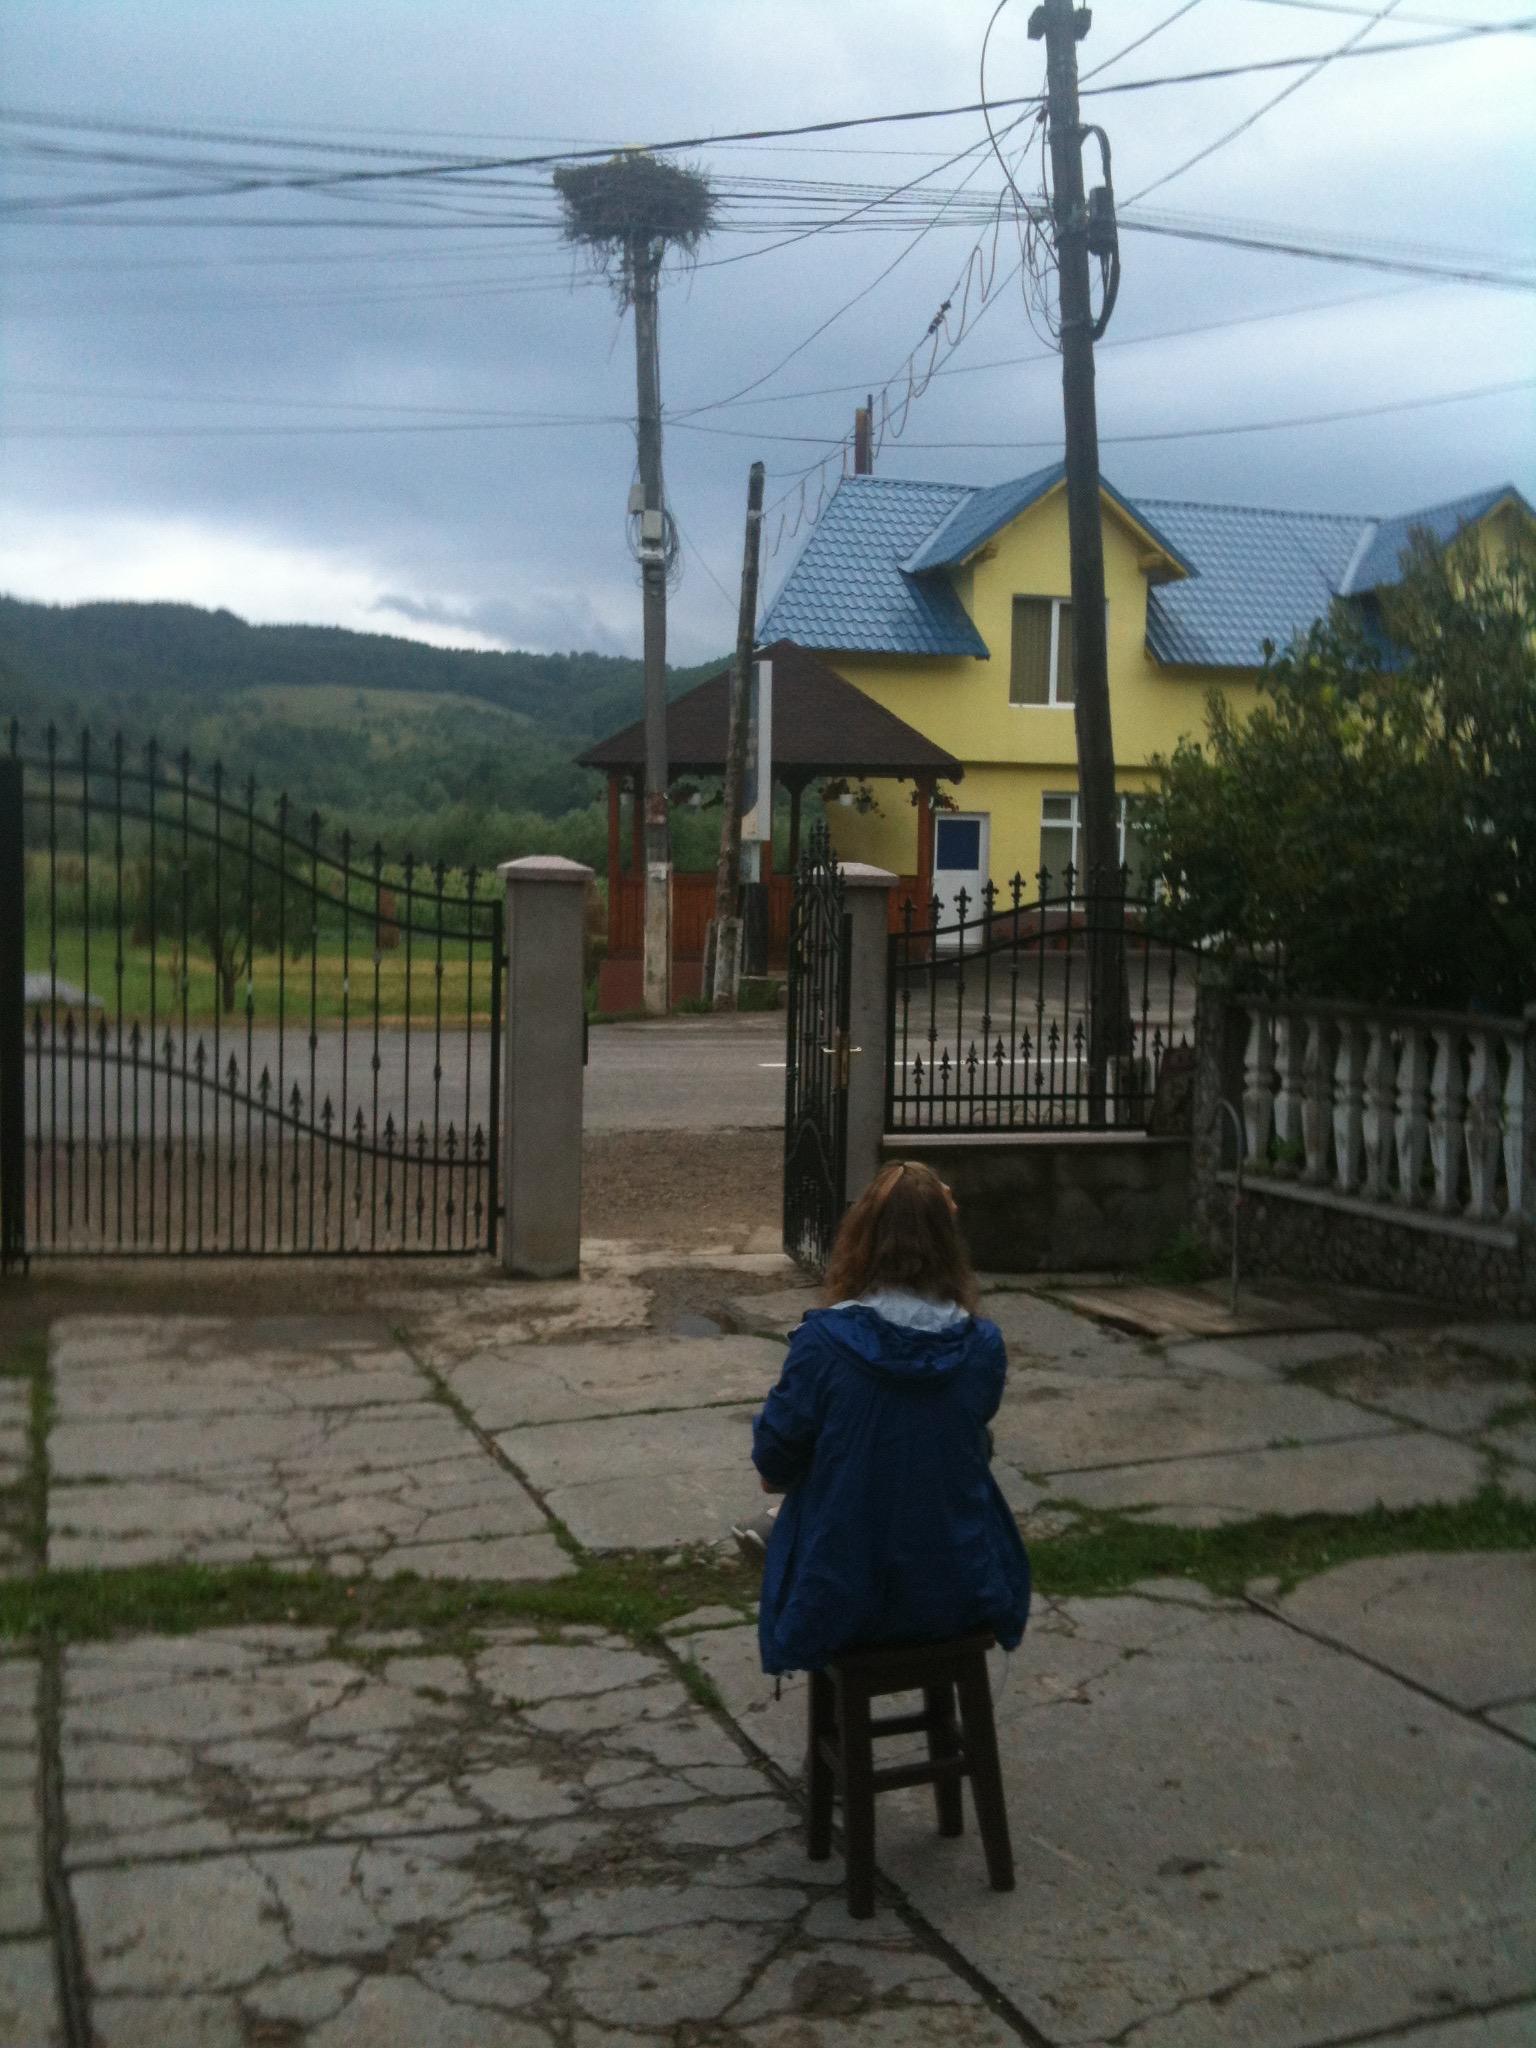 Un nid de cigogne dans un petit village roumain, prêt à accueillir les voyageurs de passage.